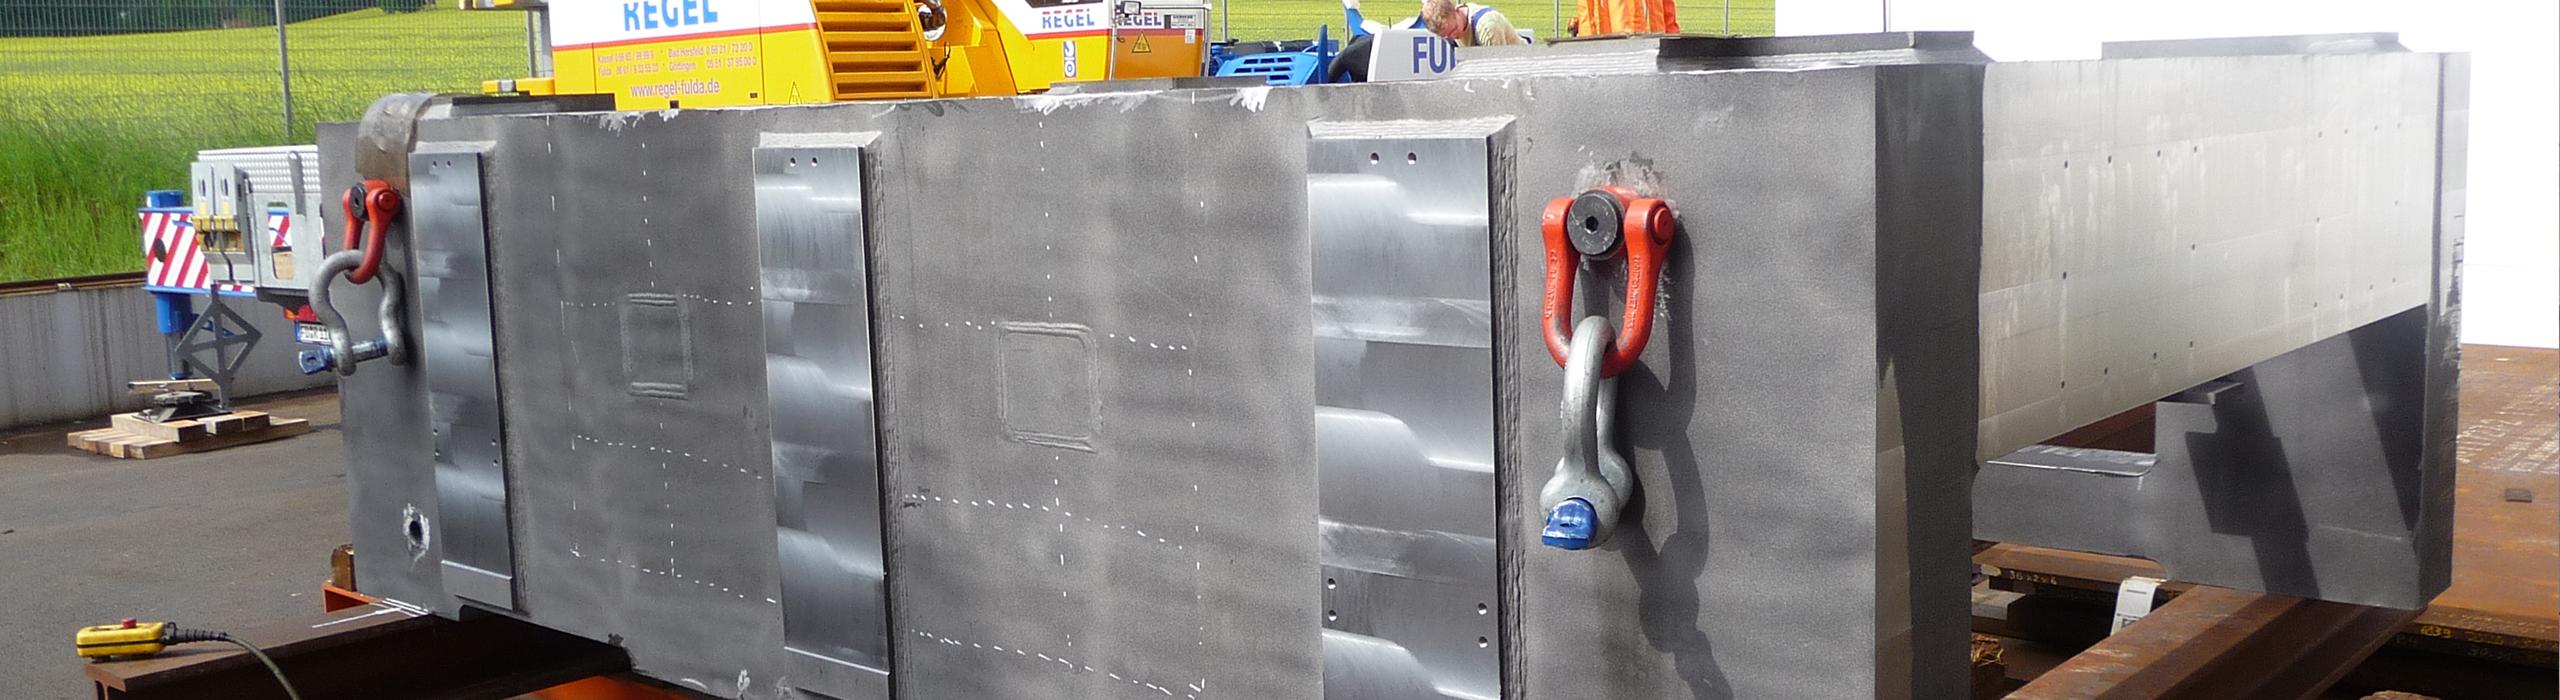 RSB-Stahl-grossteilbearbeitung-header2